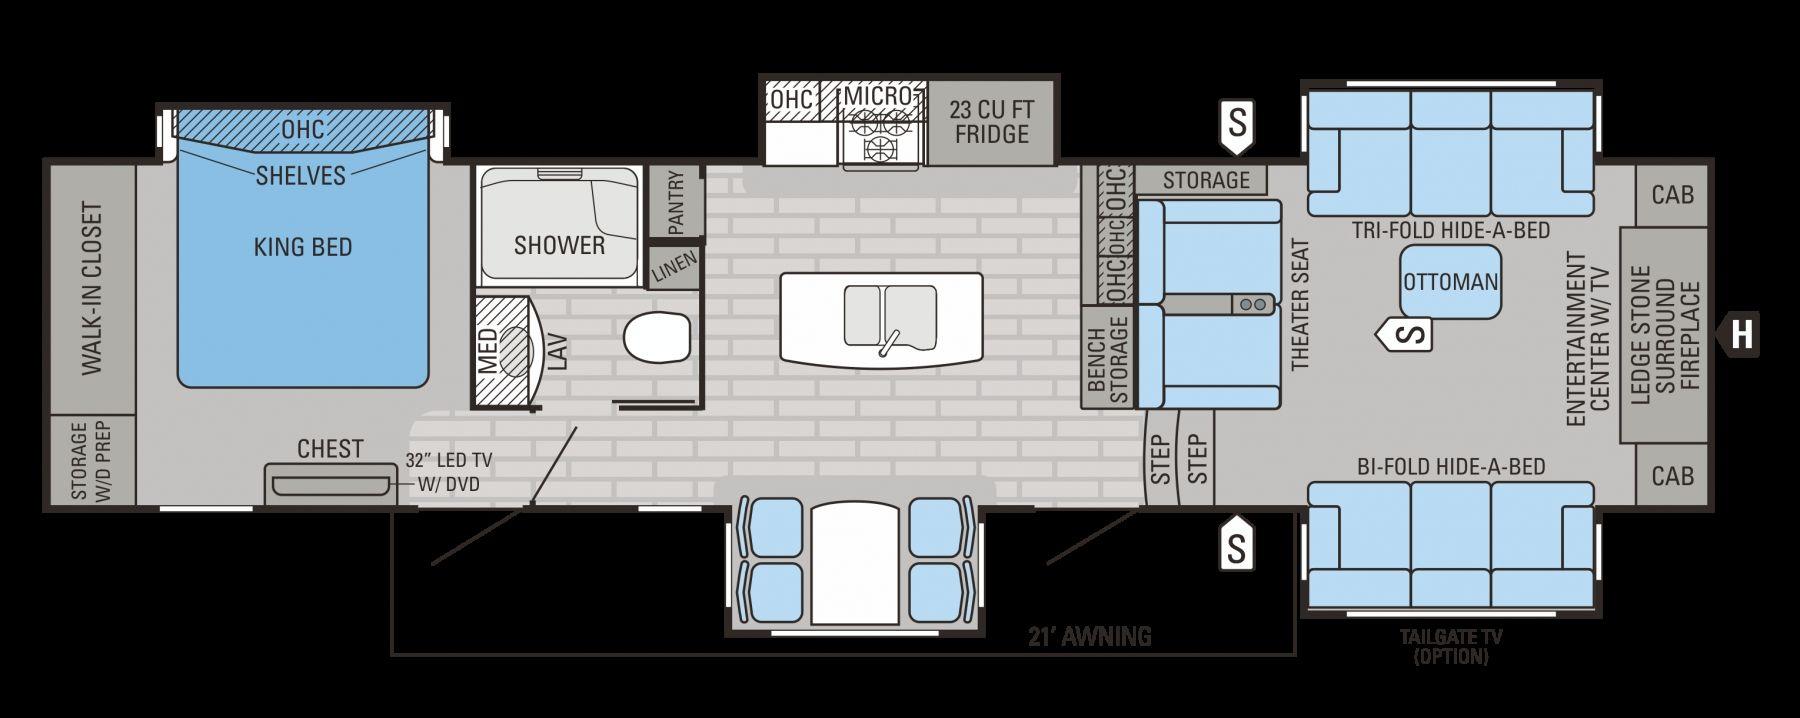 5th wheel master bedroom  Jayco Pinnacle th Wheel Floor Plans  viajesairmar